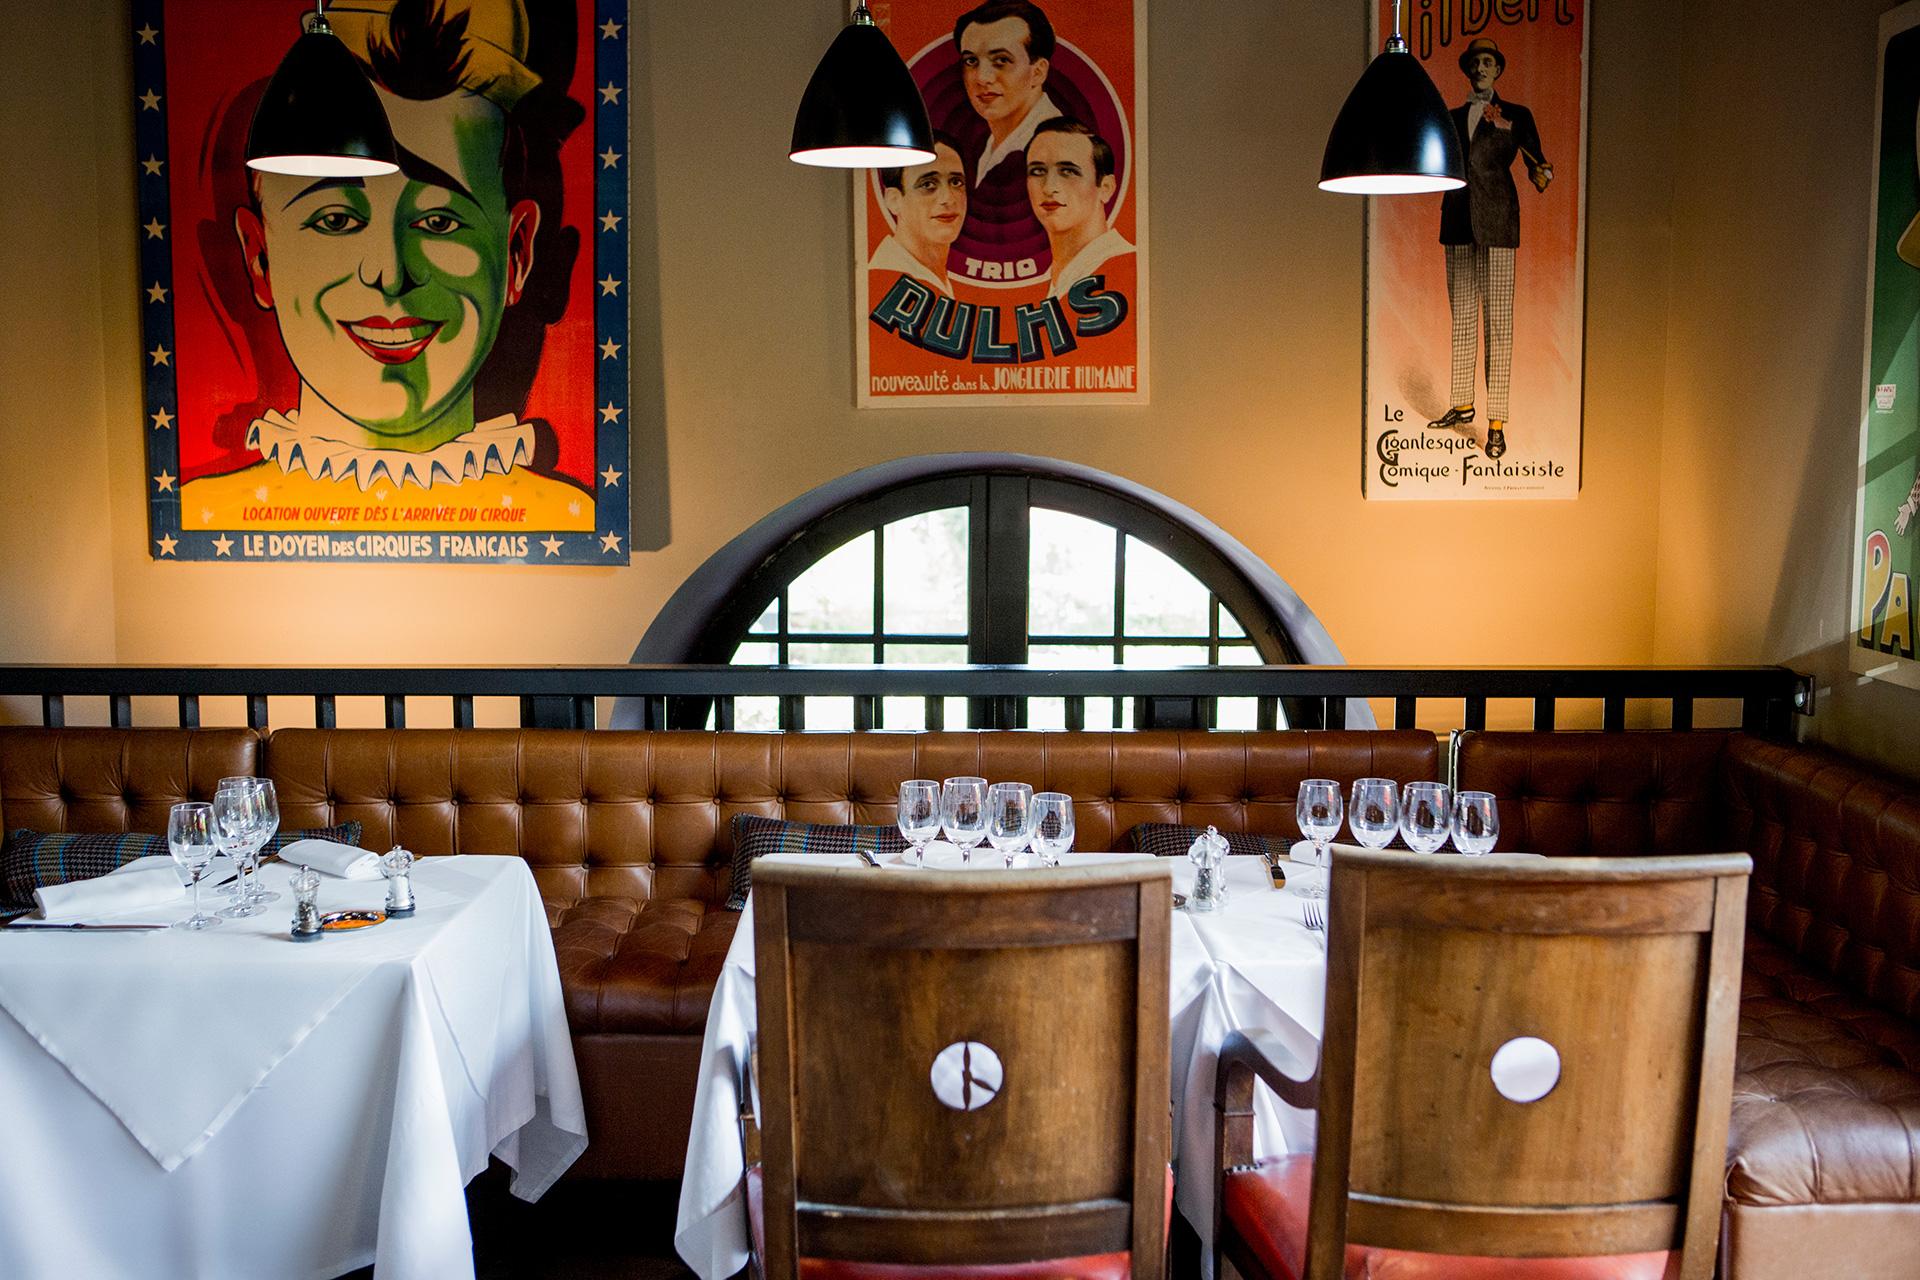 HVH-restaurant-bistronomique-arcachon-06.jpg